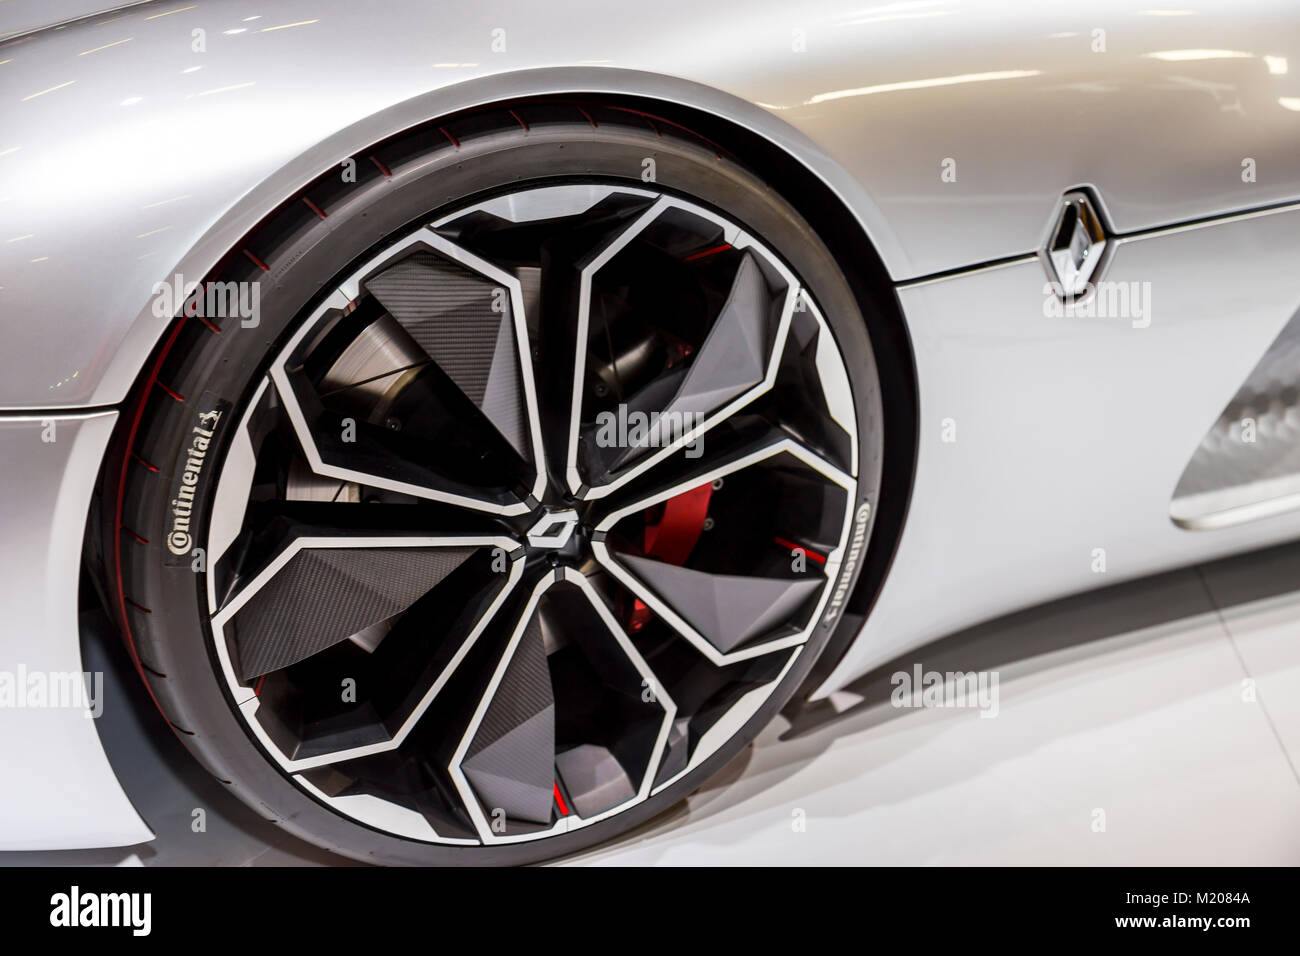 Istanbul, Turquie - 21 Avril 2017: rim vue du concept car de Renault Trezor Banque D'Images